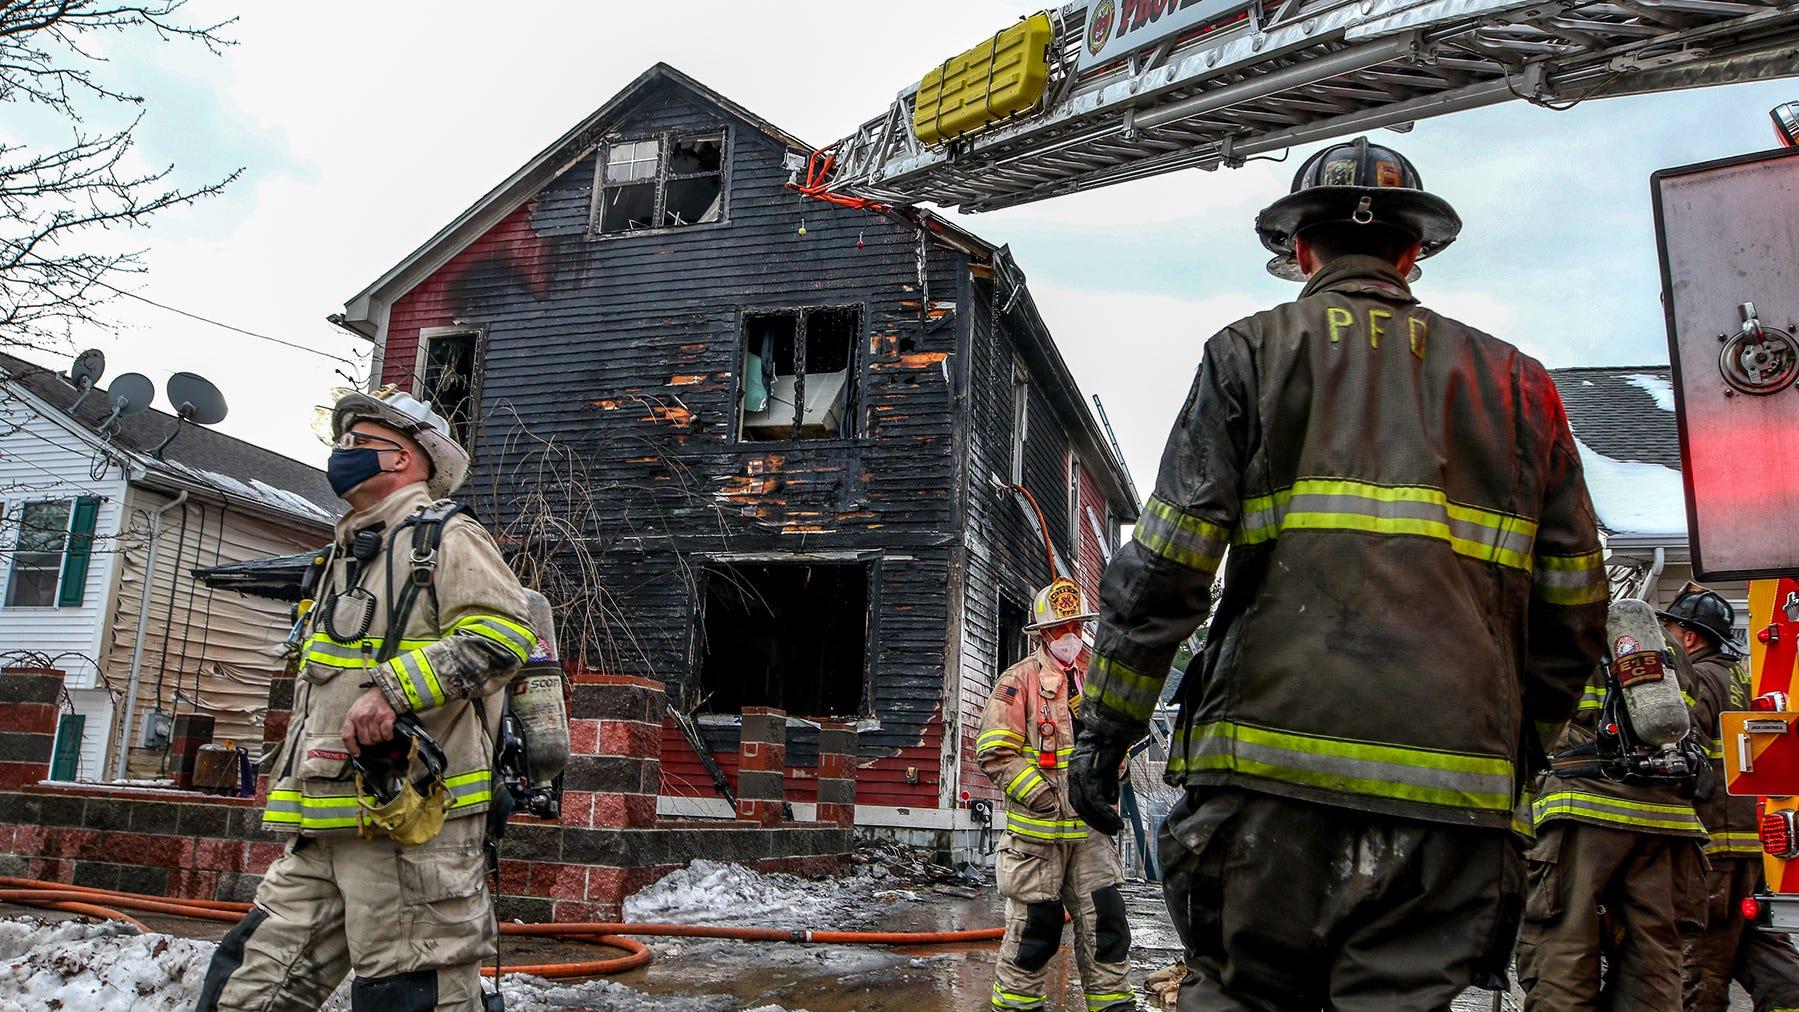 8879c5c7 0f91 4785 88a2 d5ca9d96f6a8 Tuesday House Fire 1 jpg?crop=1799,1012,x0,y91&width=1799&height=1012&format=pjpg&auto=webp.